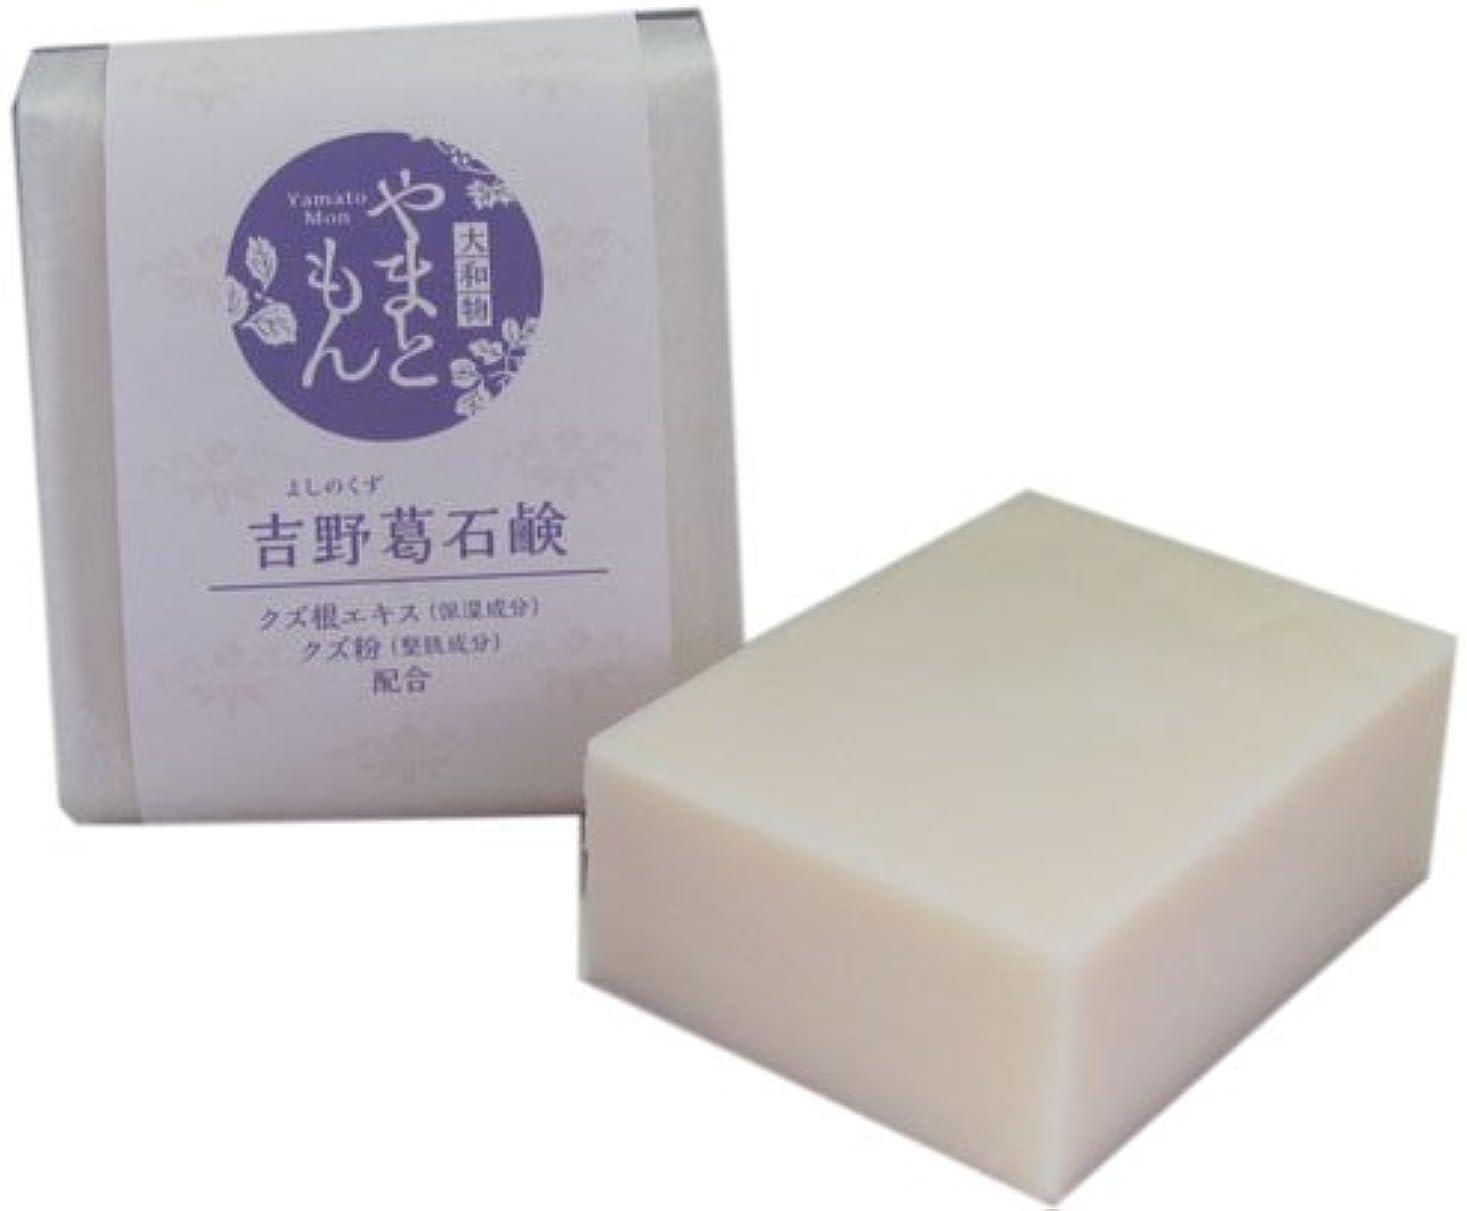 クラウン石の思いやり奈良産和漢生薬エキス使用やまともん化粧品 吉野葛石鹸(よしのくずせっけん)